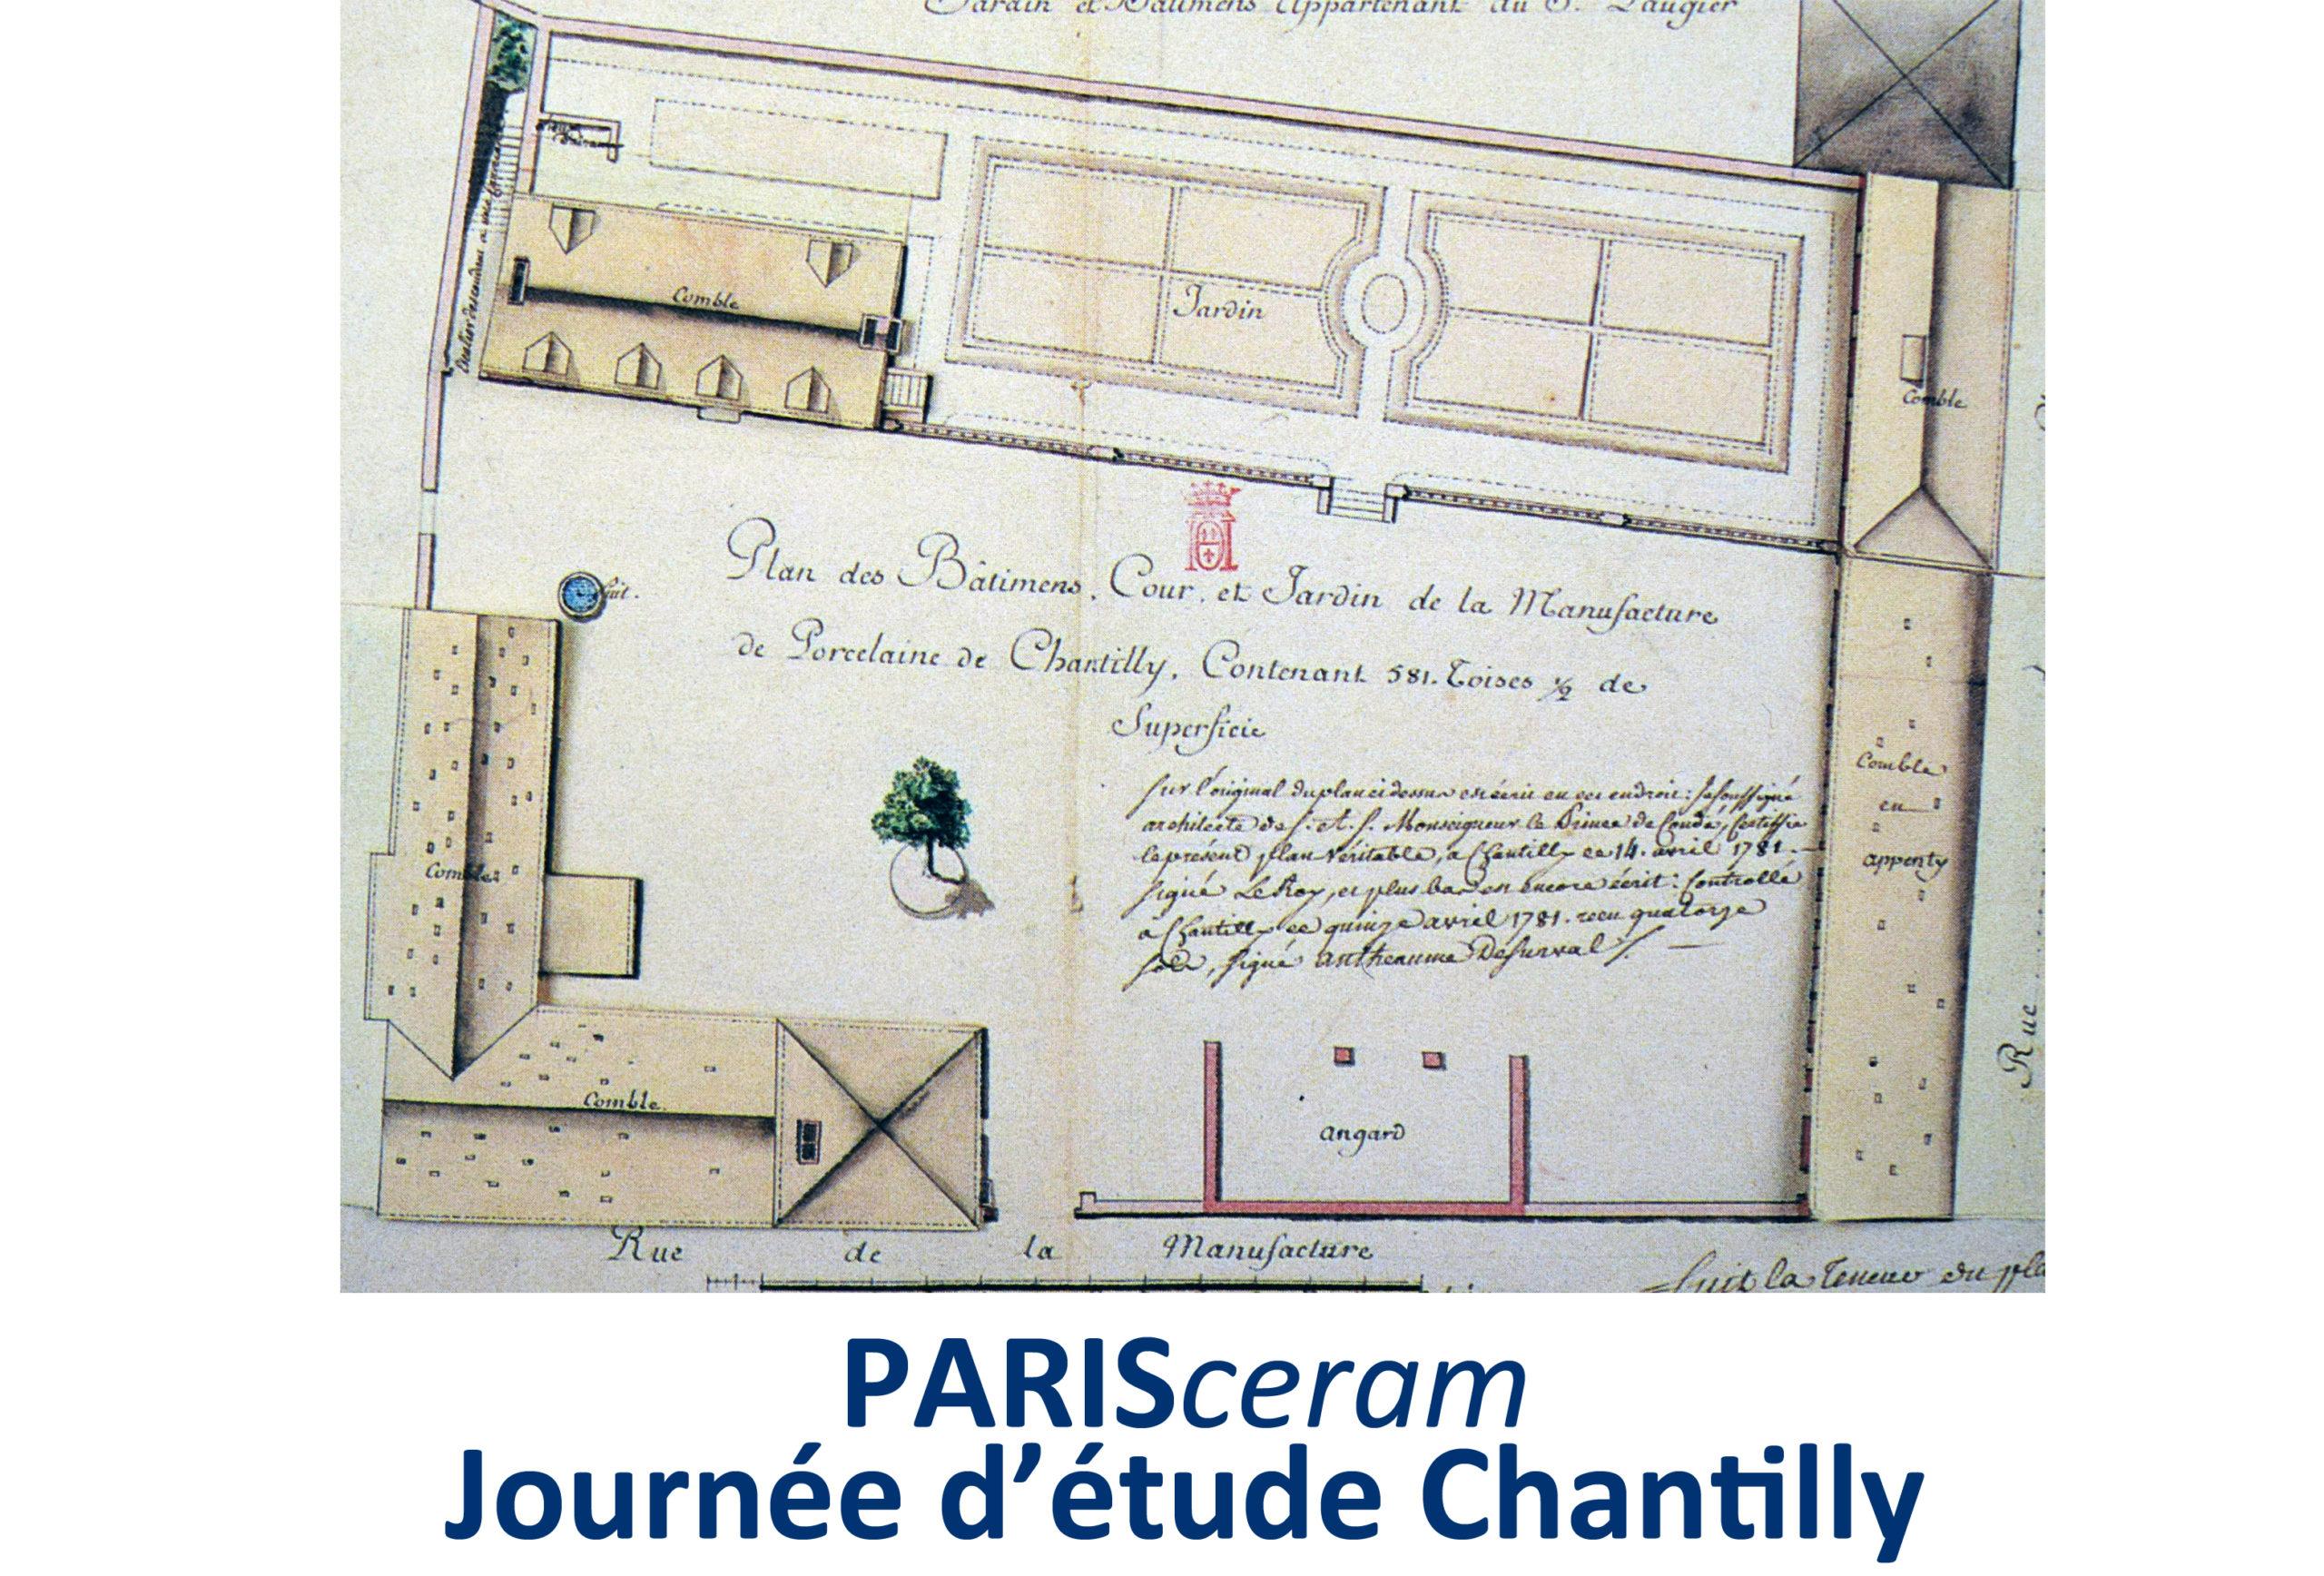 Journée d'études Chantilly, sera replanifiée dès que les conditions sanitaires le permettront